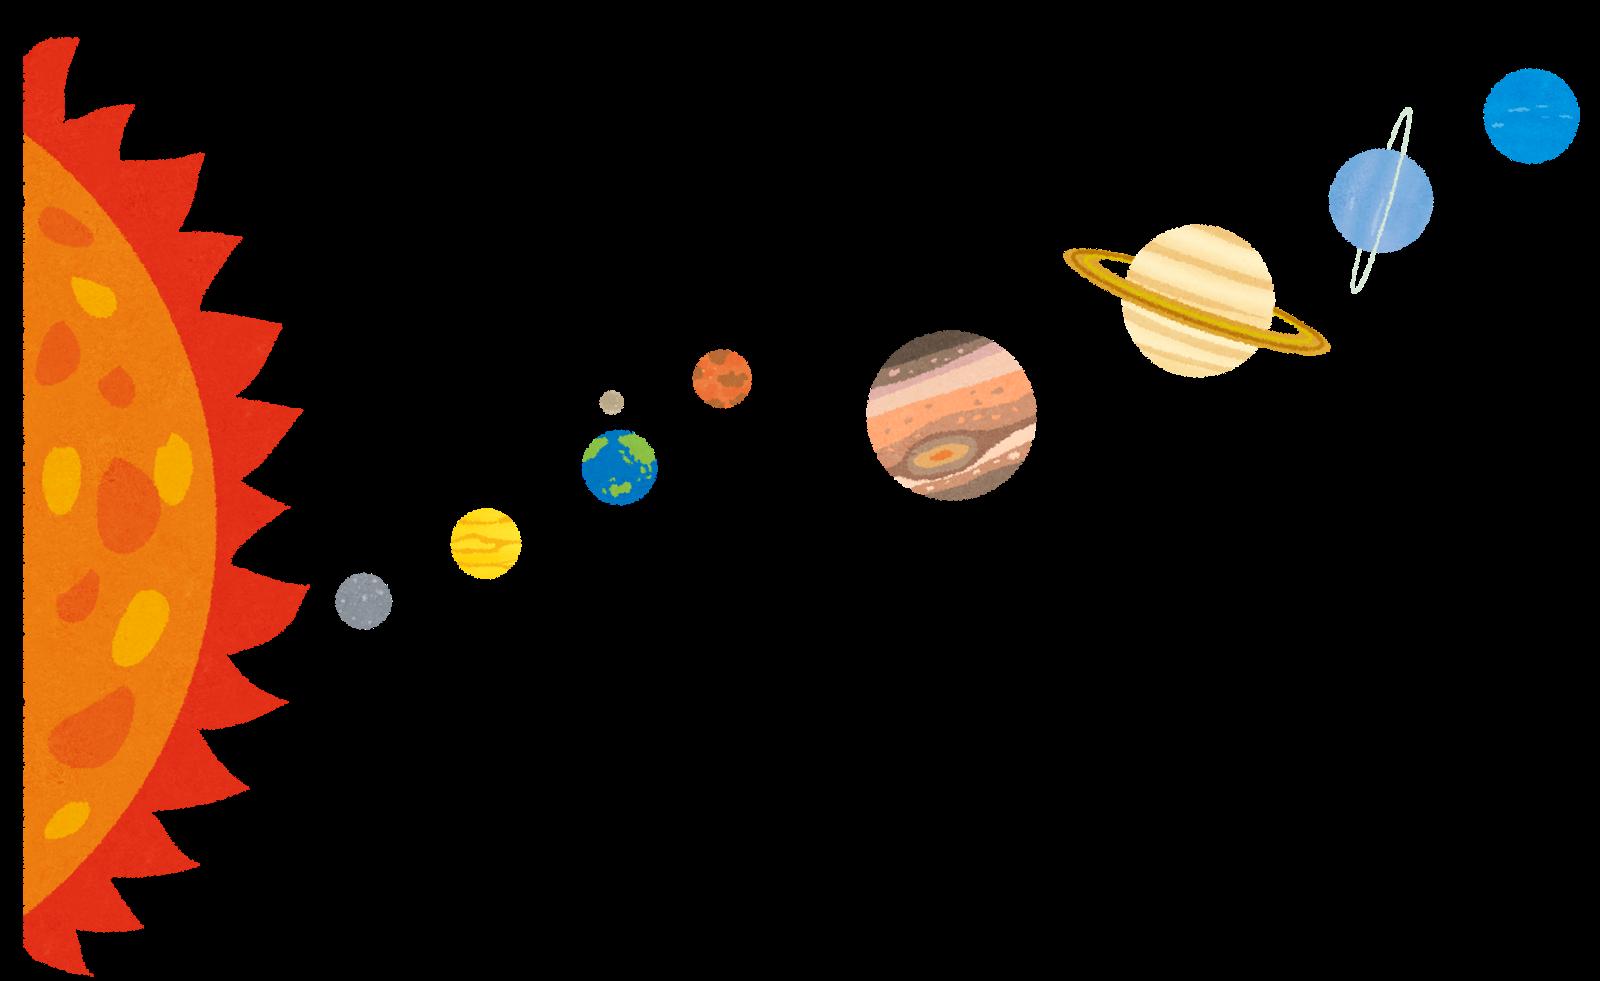 太陽系のイラスト 太陽系のイラスト | かわいいフリー素材集 いらすとや